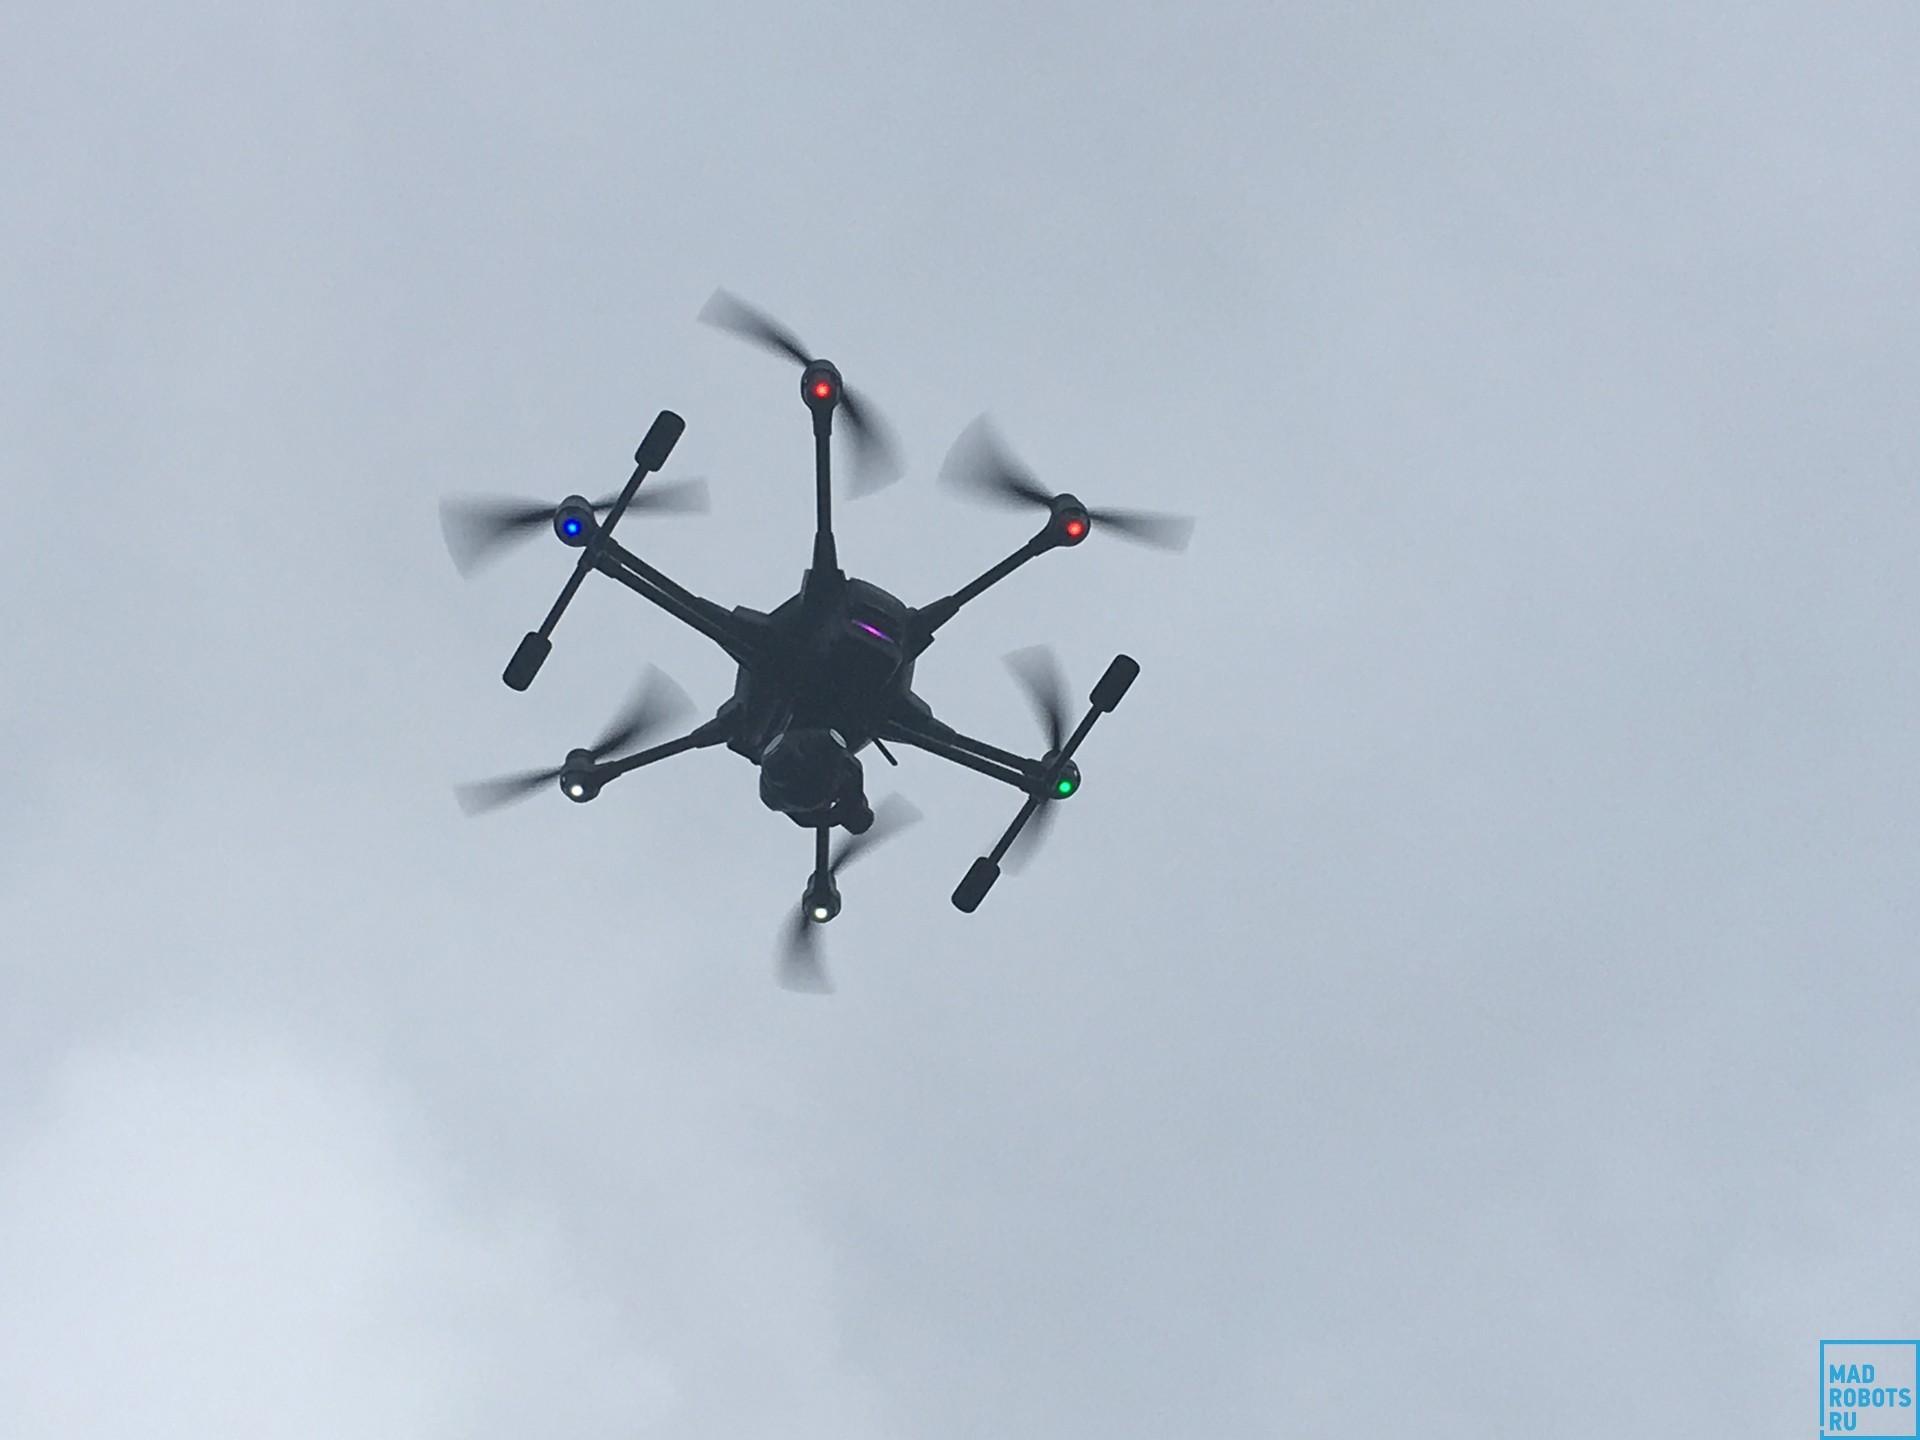 Гексакоптер Yuneec Typhoon H: профессиональный дрон с простым управлением - 23